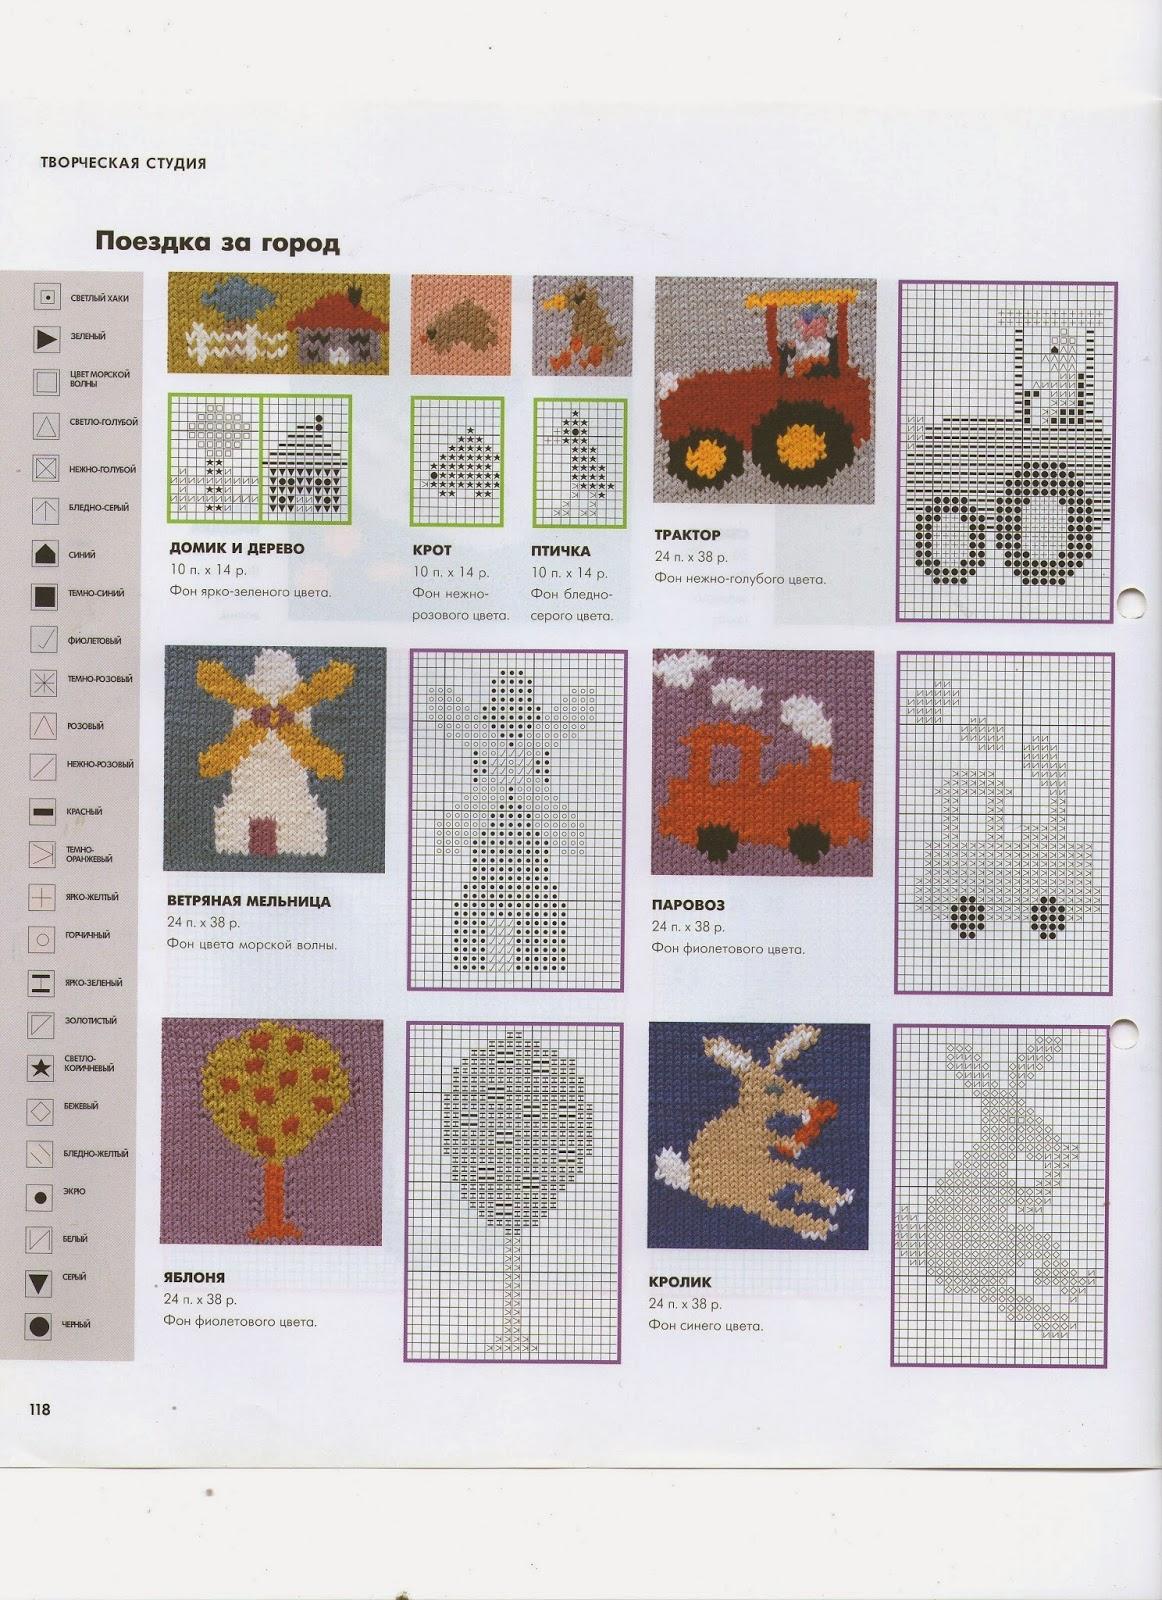 детские орнаменты спицами схема бабочек